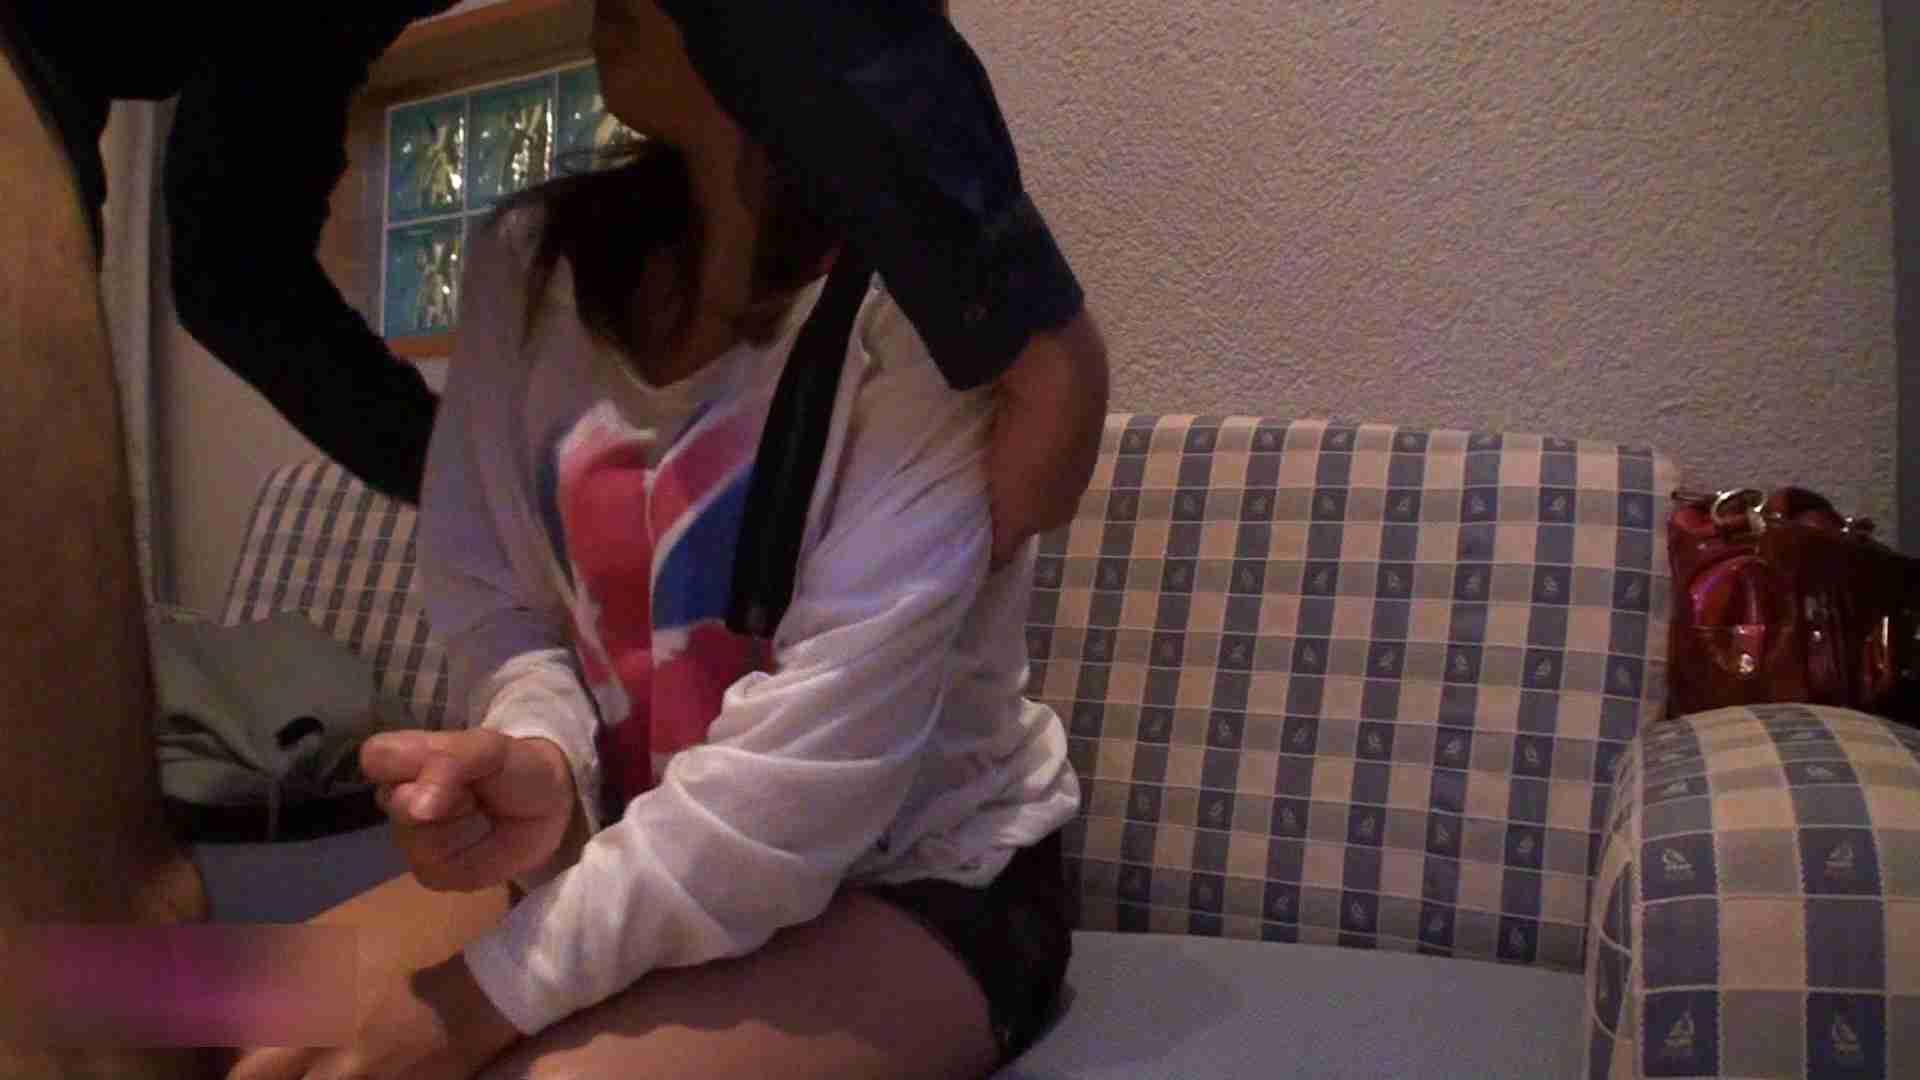 素人S級美女特選!小悪魔ギャル噂のビッチガールVol.56 前編 SEX 女性器鑑賞 72pic 12